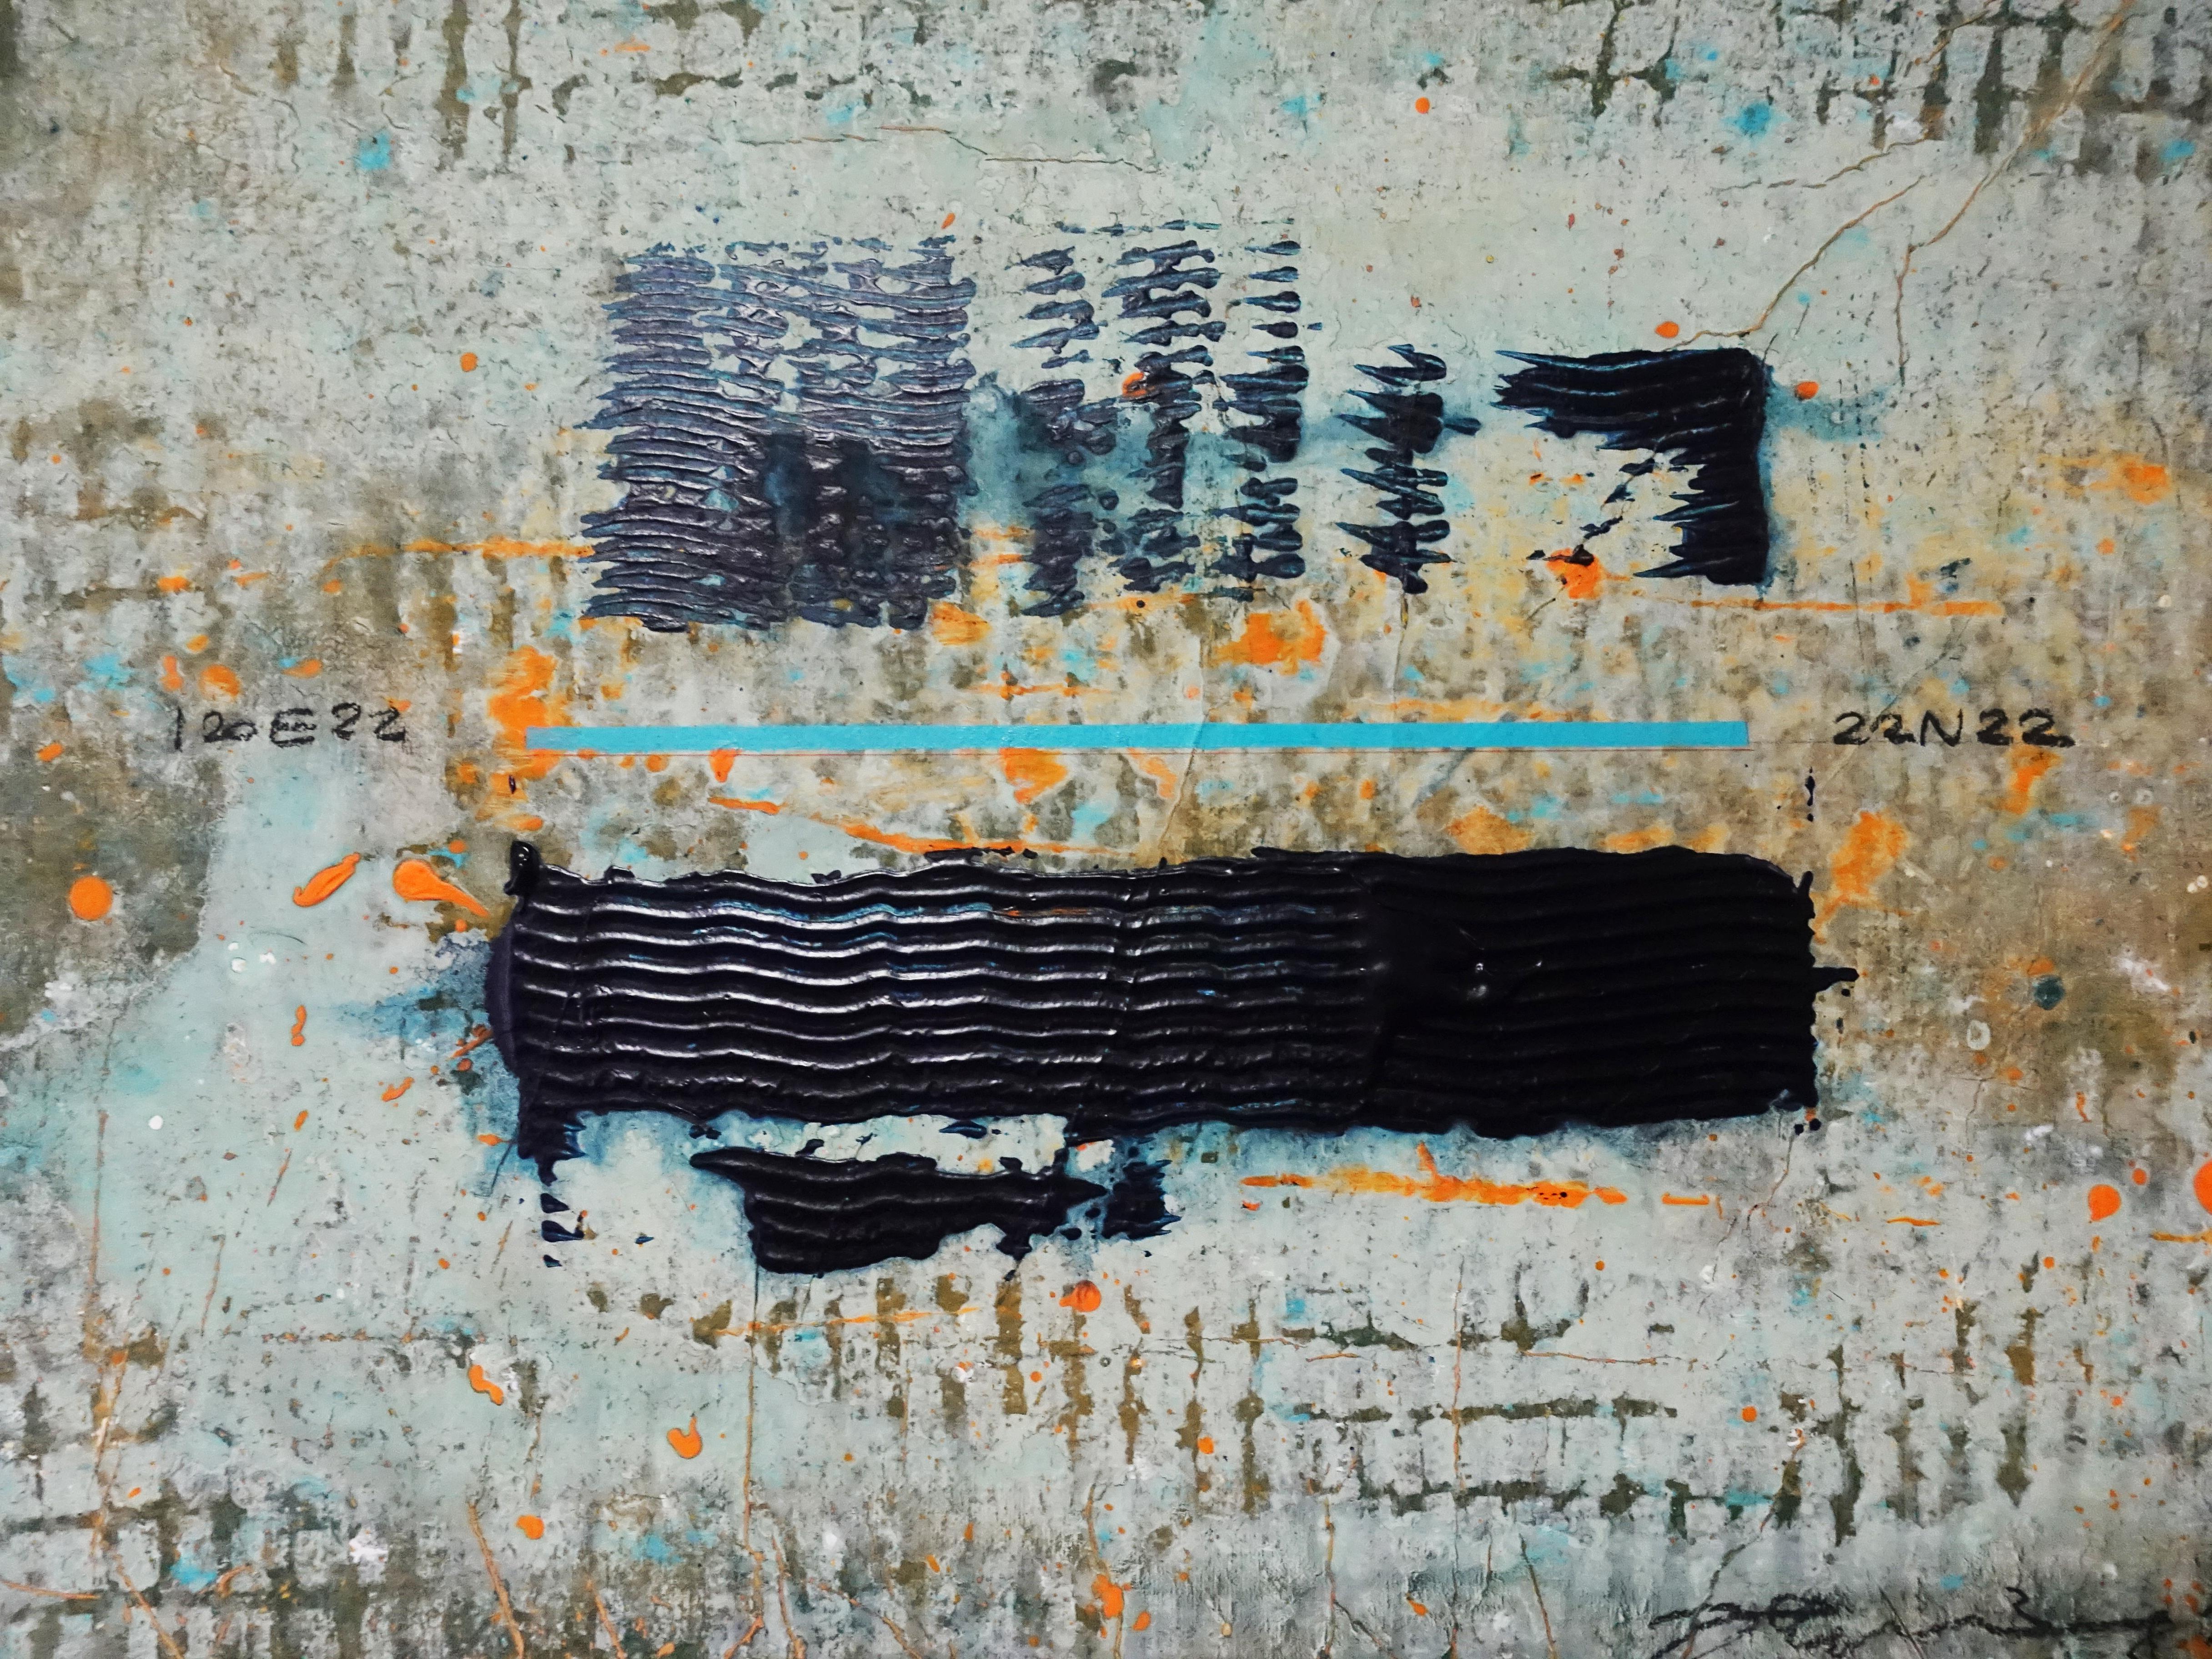 洪明爵,《22N22》細節,60.5 x45.5,複合媒材,2020。